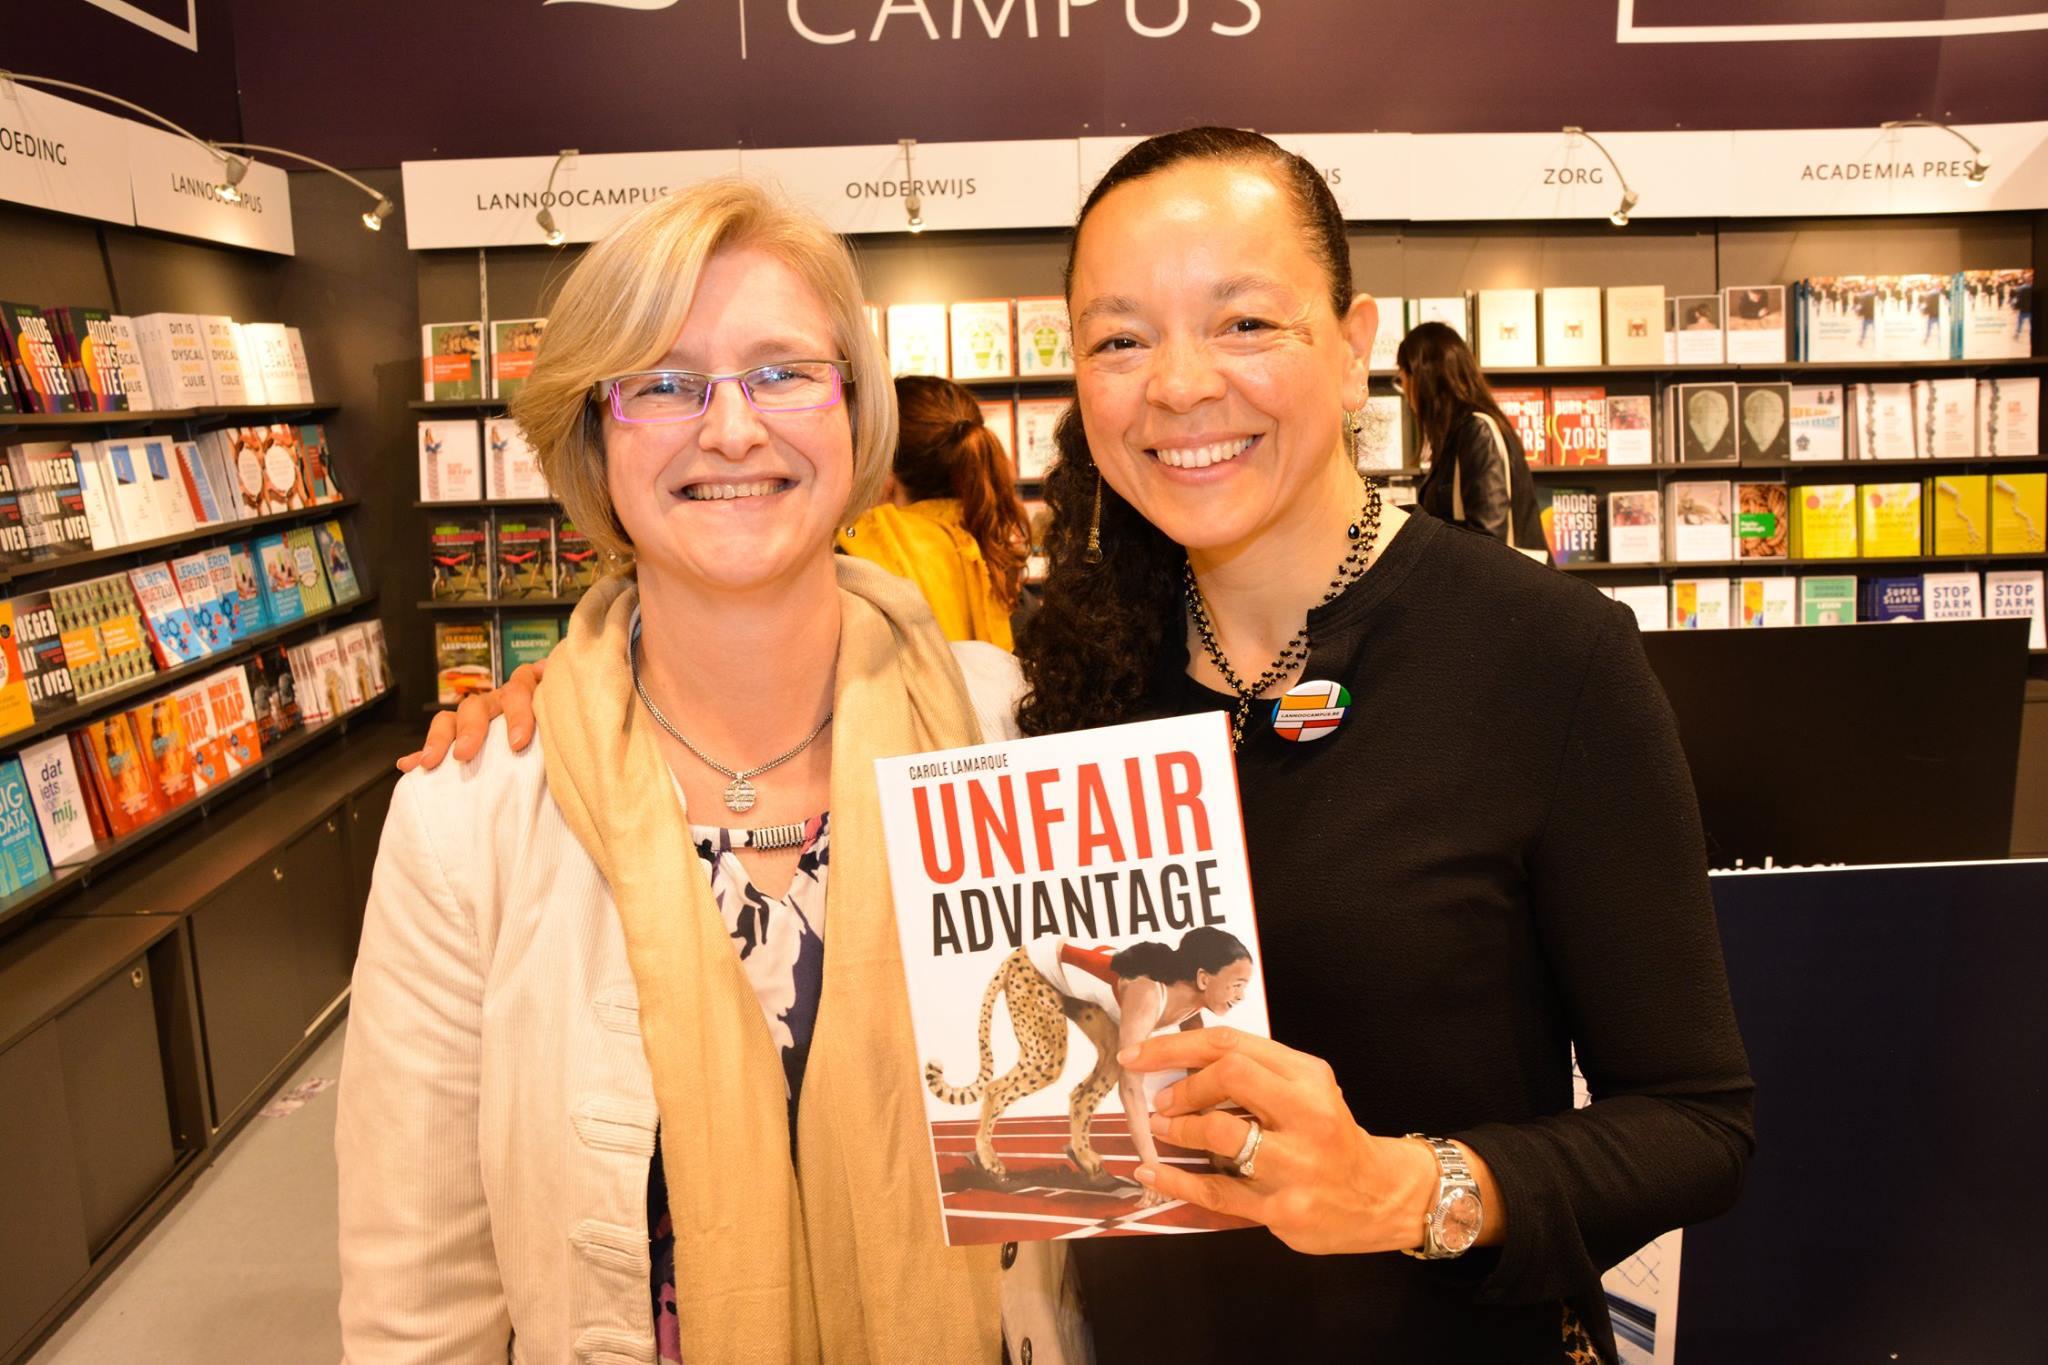 met Carole Lamarque op de Boekenbeurs